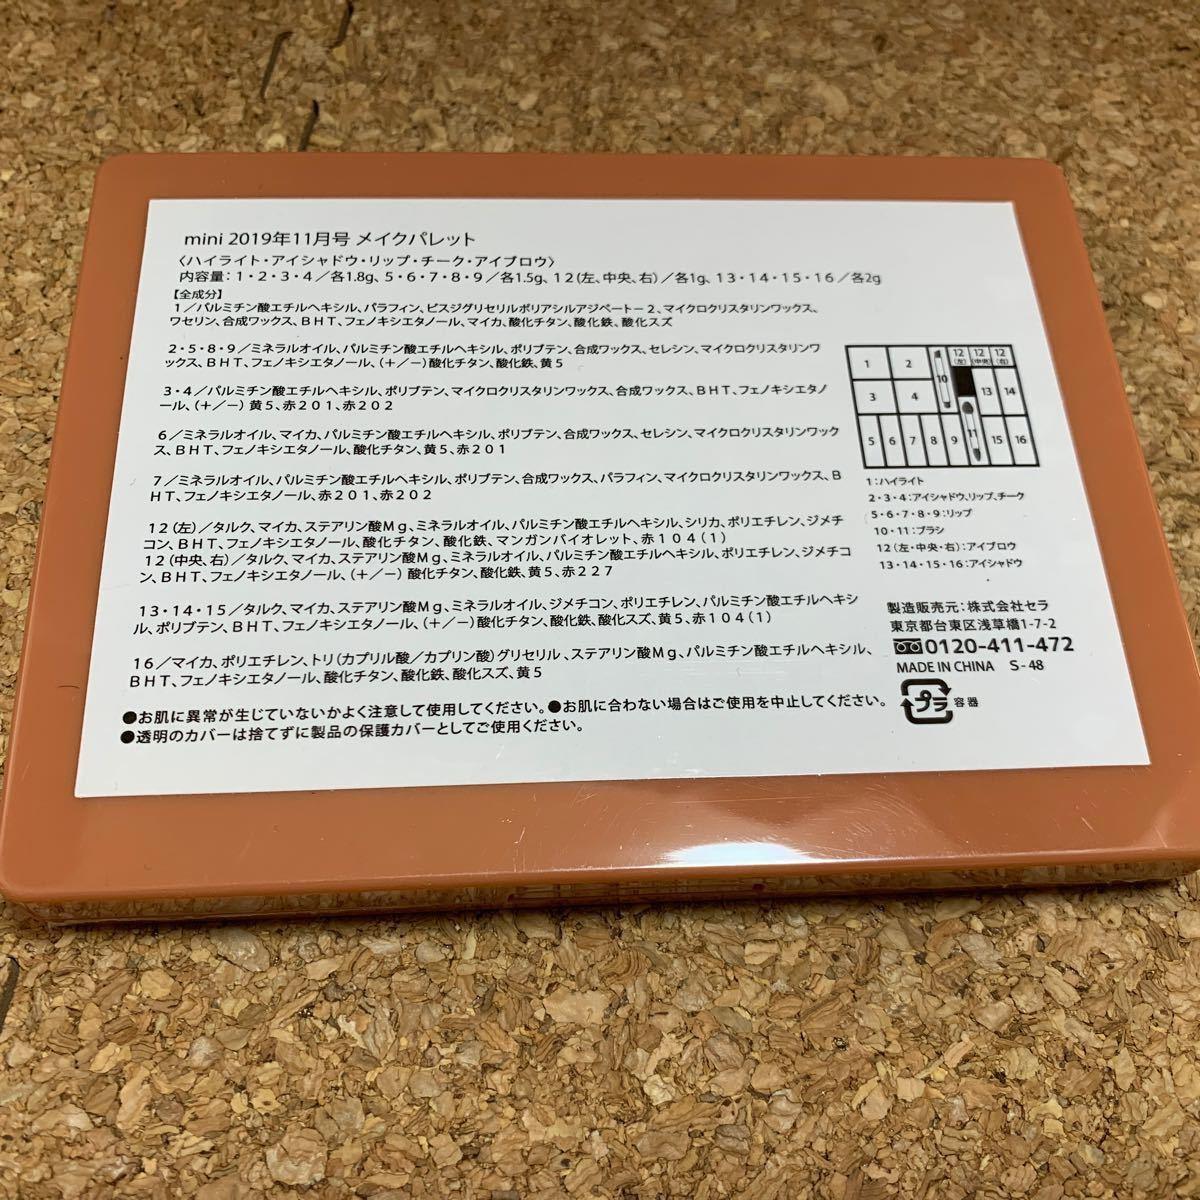 mini付録 ミルクフェド メイクパレット (ハイライト アイシャドウ リップ チーク アイブロウ)